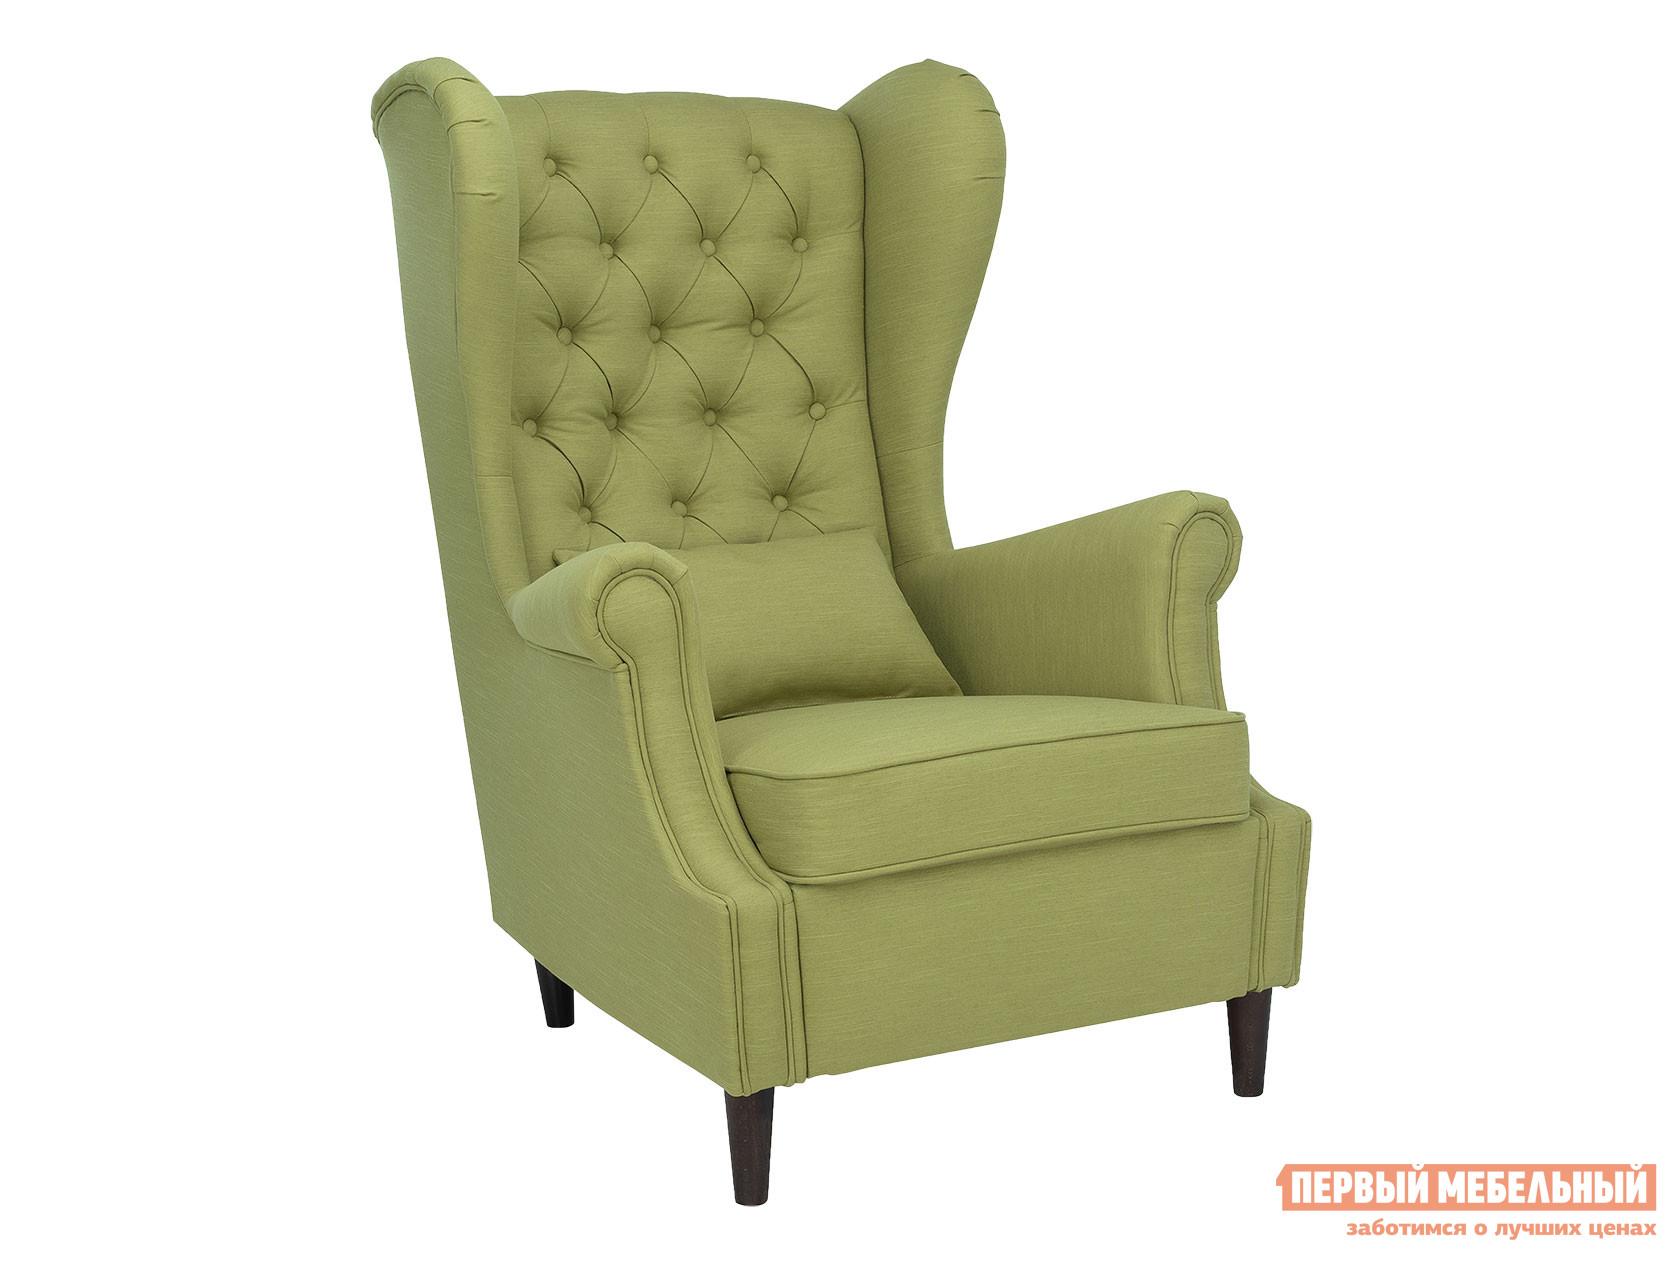 Кресло  Кресло Leset Винтаж Melva 33, рогожка — Кресло Leset Винтаж Melva 33, рогожка